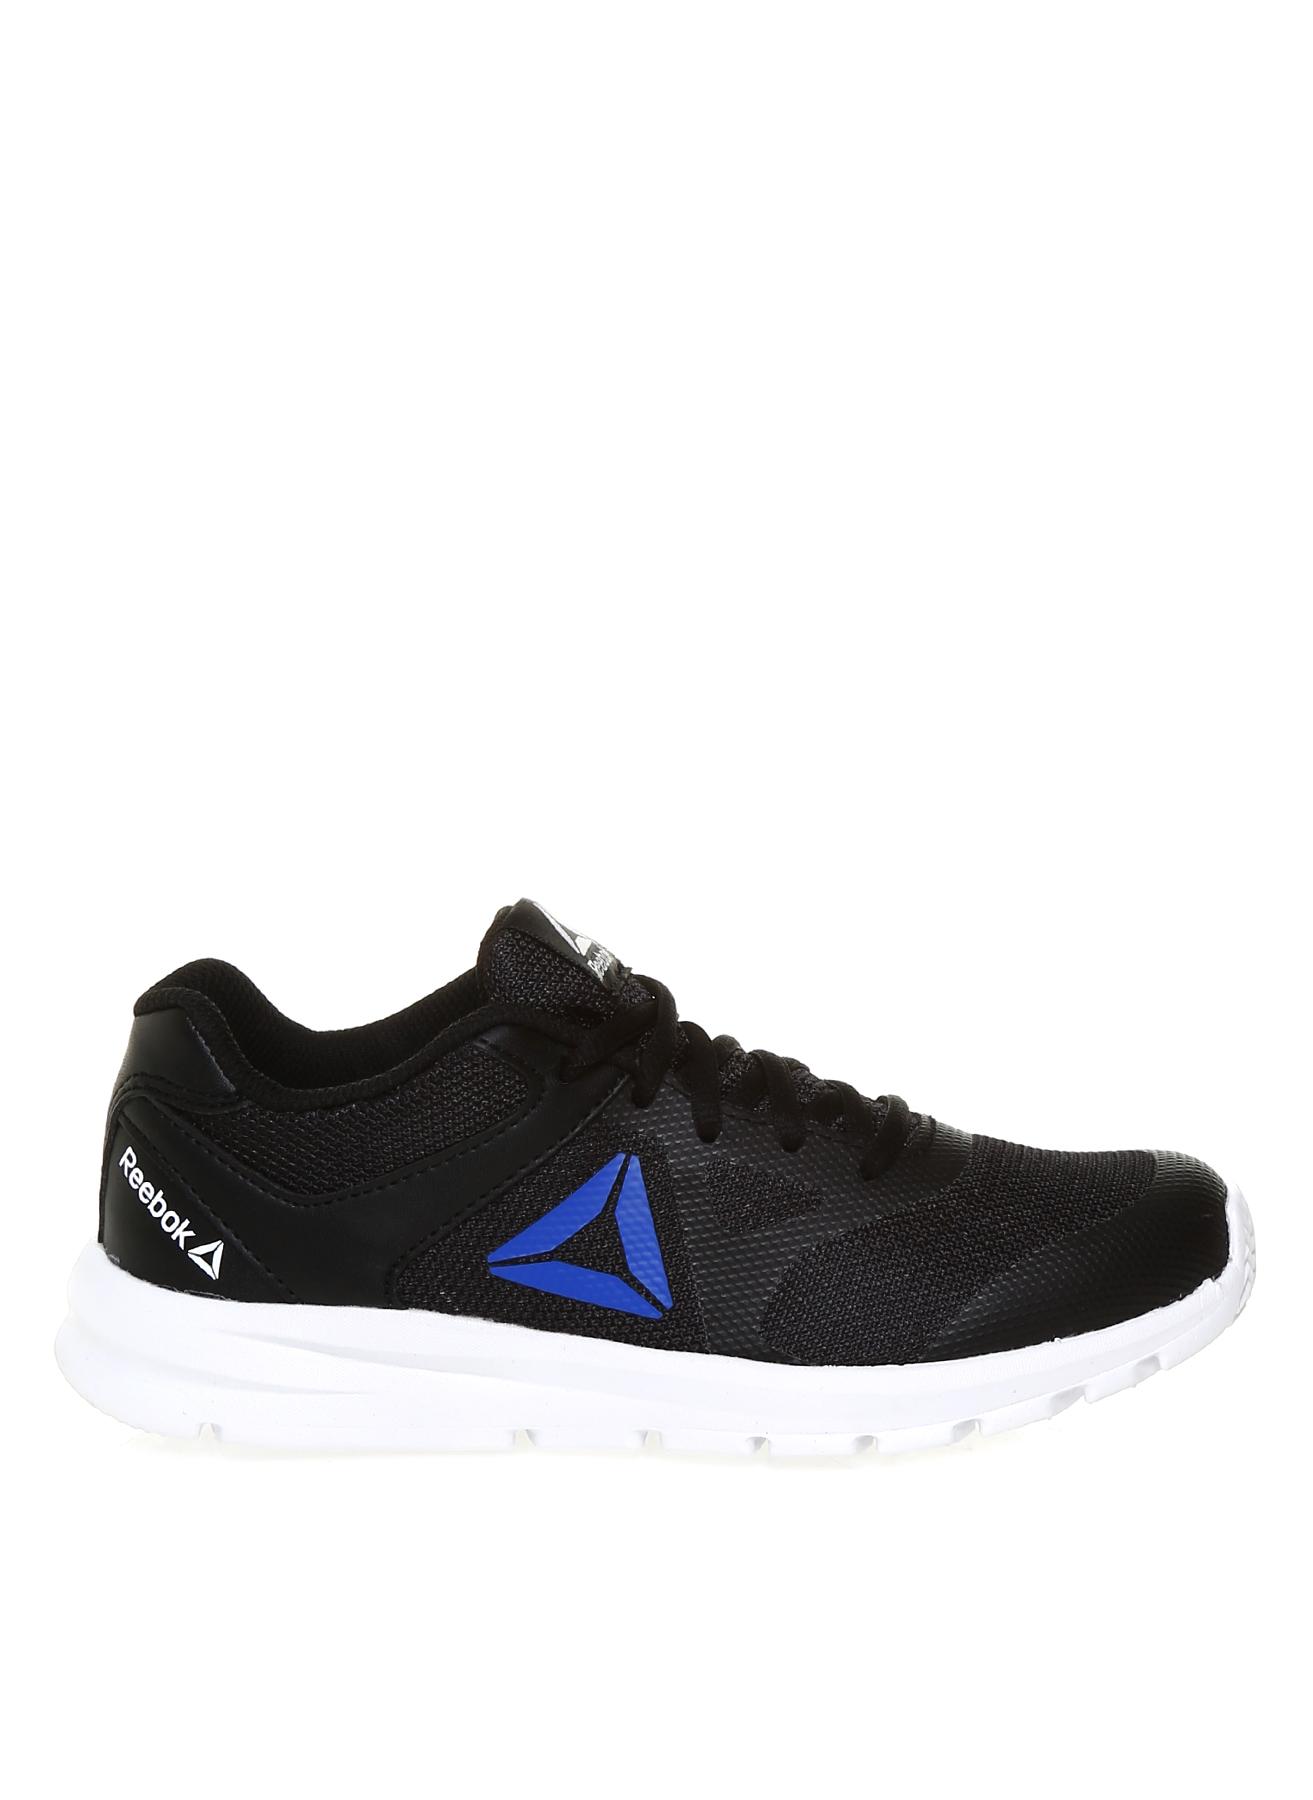 Reebok Siyah Koşu Ayakkabısı 36.5 5001700749005 Ürün Resmi